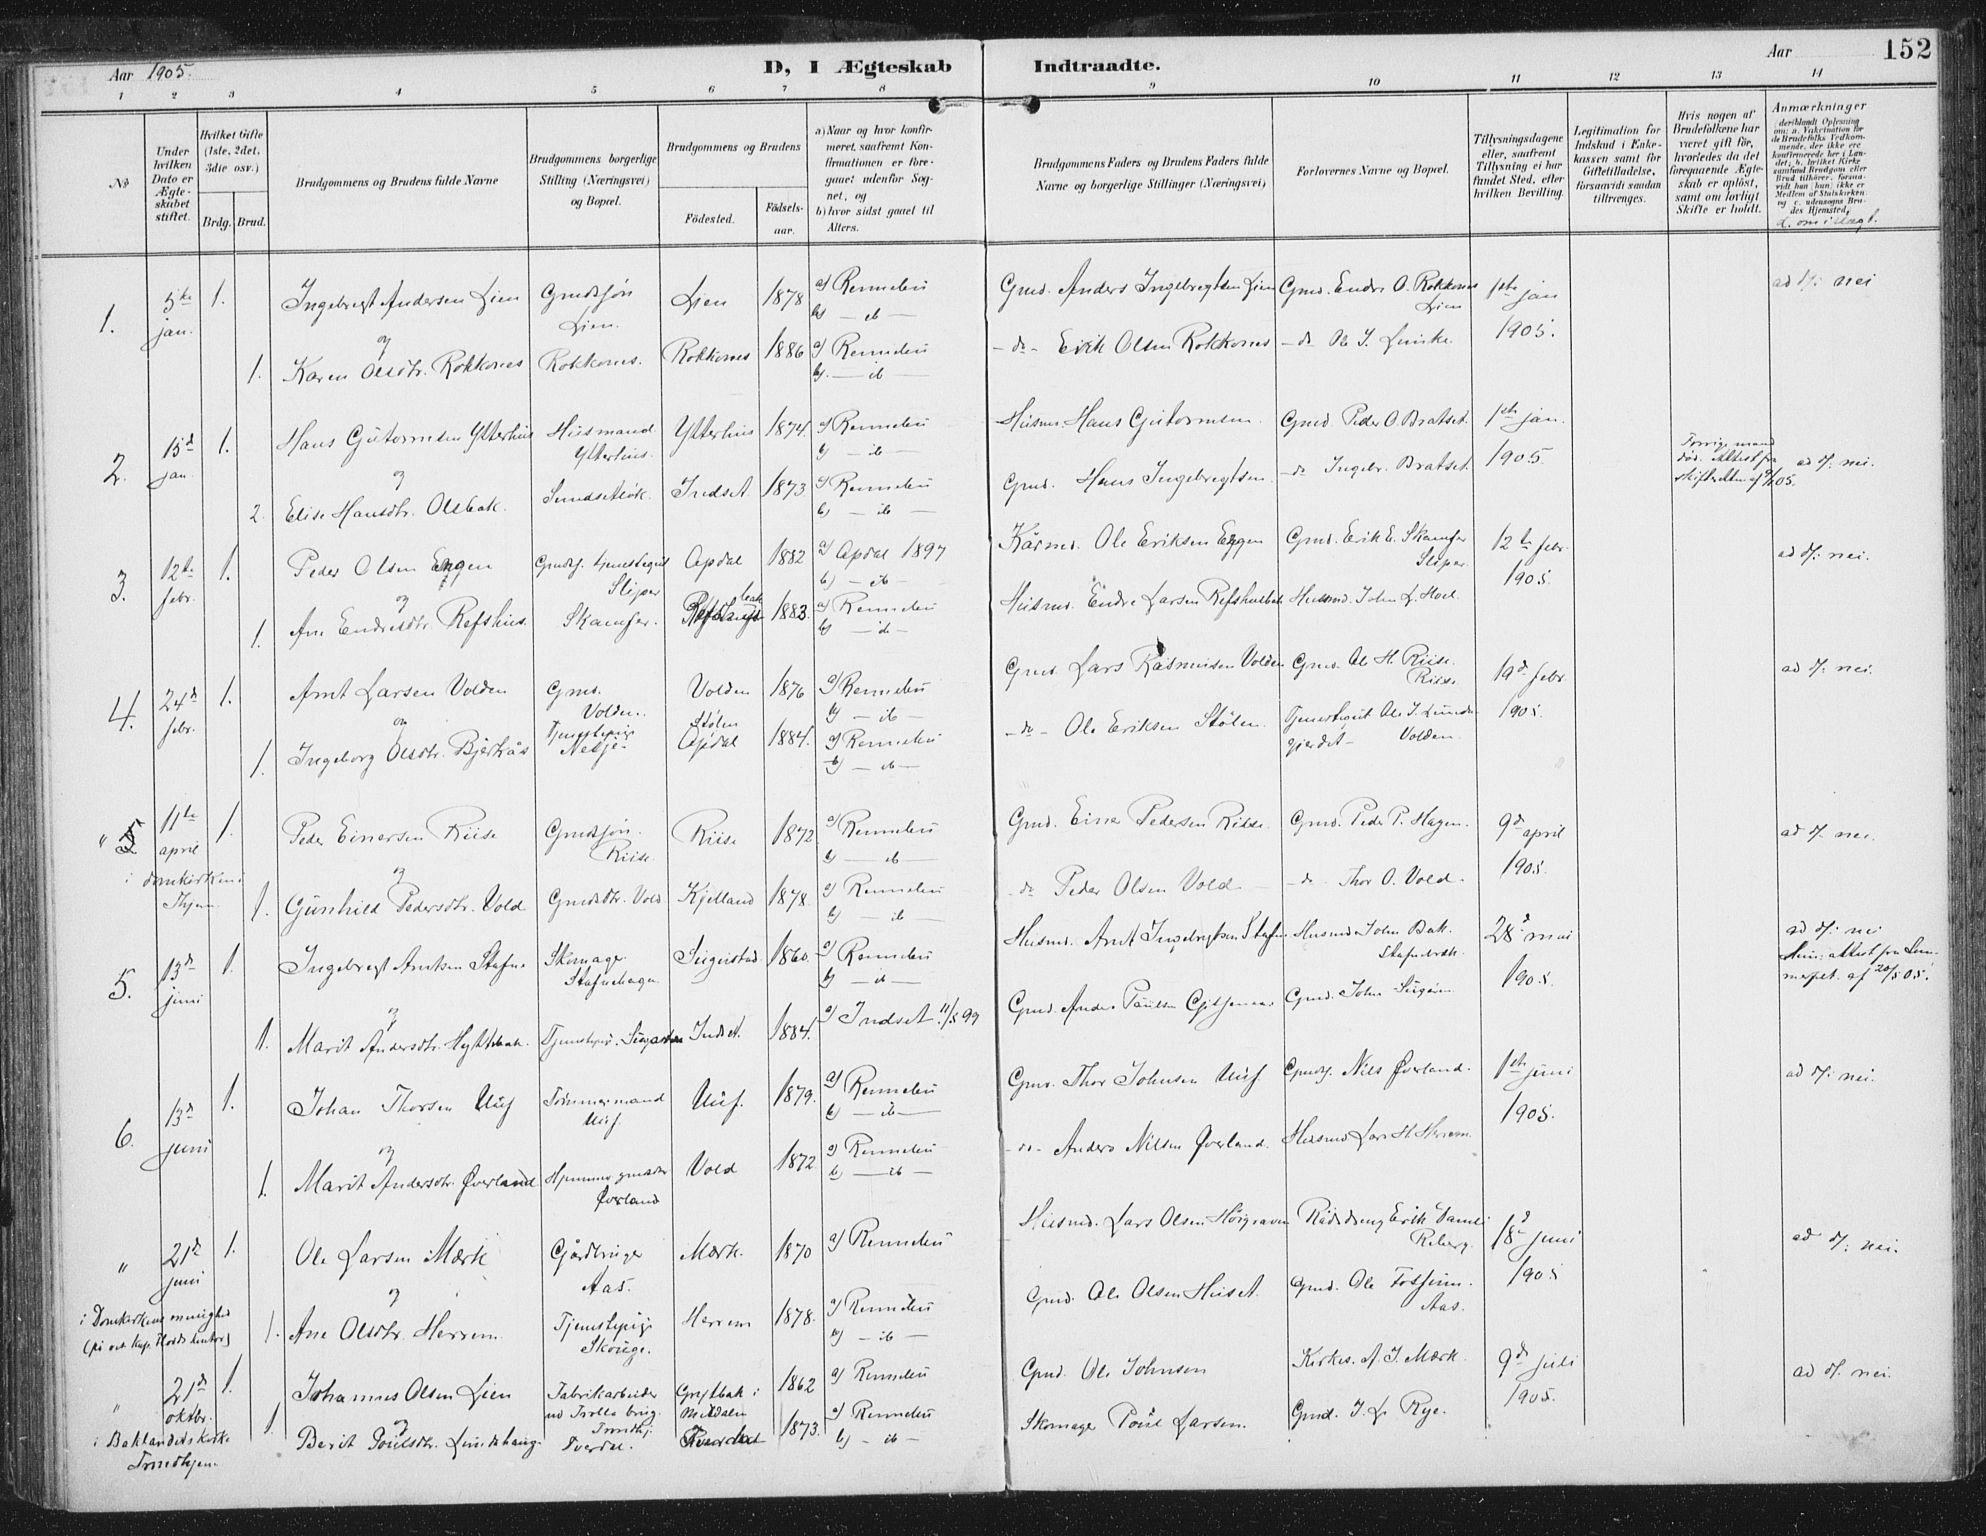 SAT, Ministerialprotokoller, klokkerbøker og fødselsregistre - Sør-Trøndelag, 674/L0872: Ministerialbok nr. 674A04, 1897-1907, s. 152